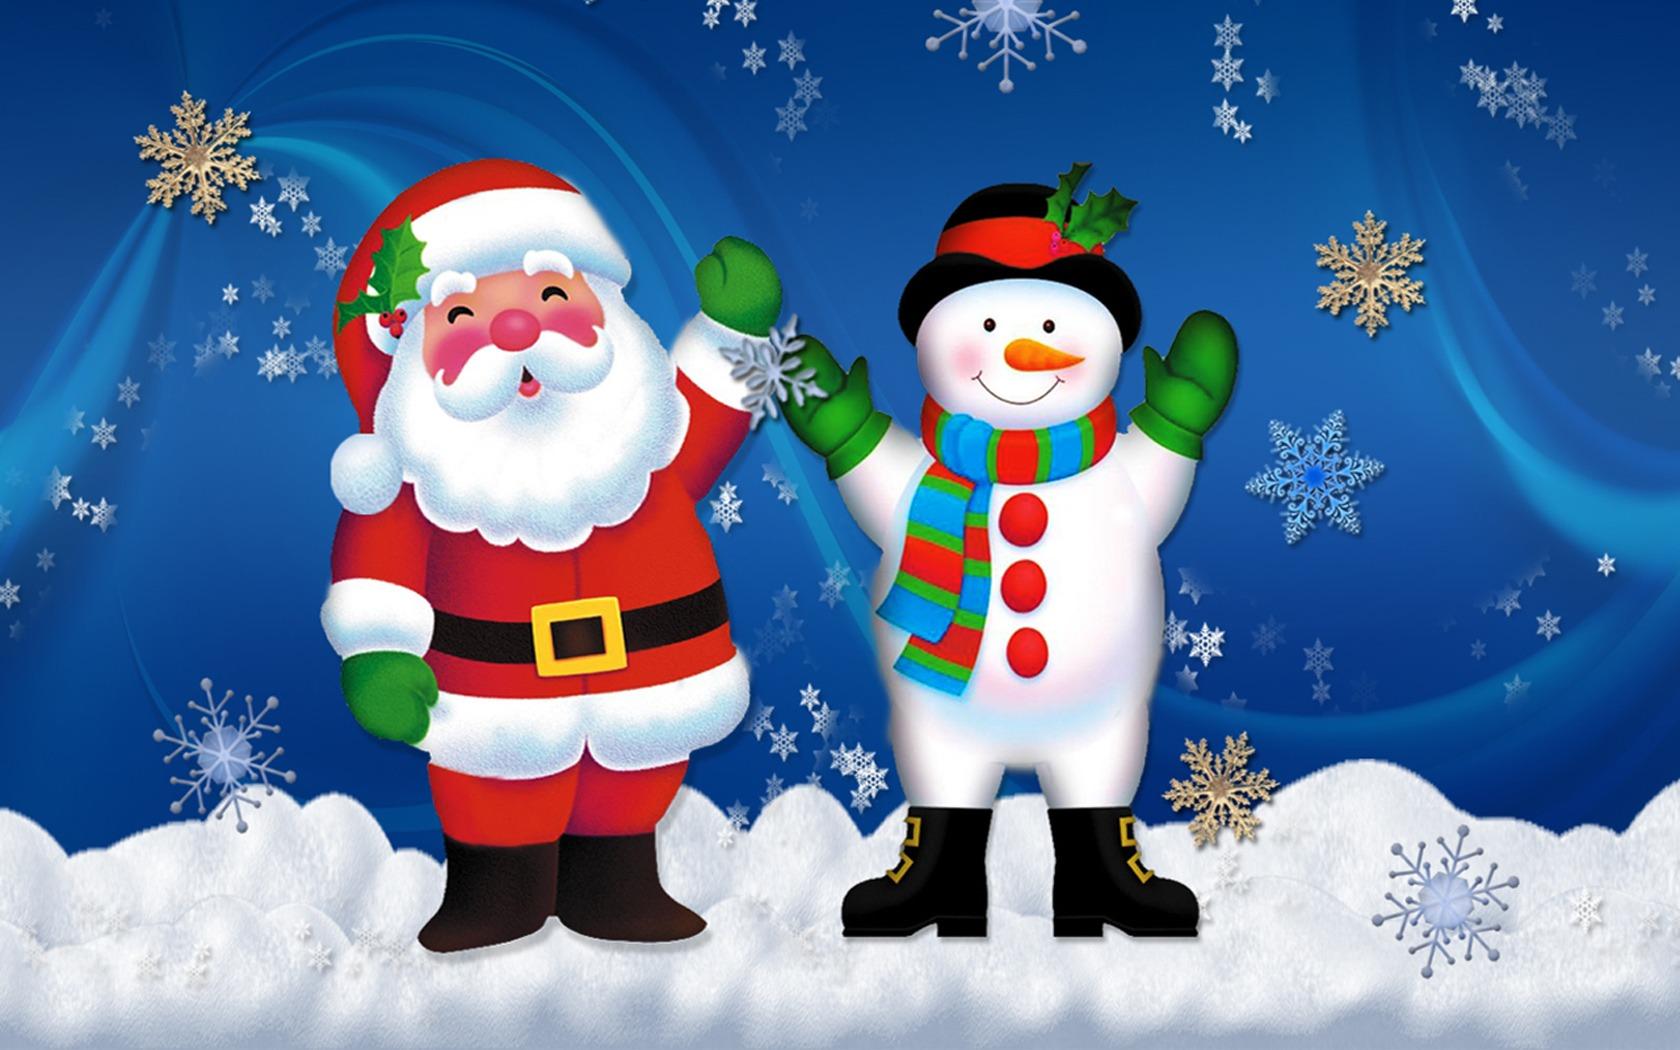 Картинки тема новый год для детей, для поднятия настроения